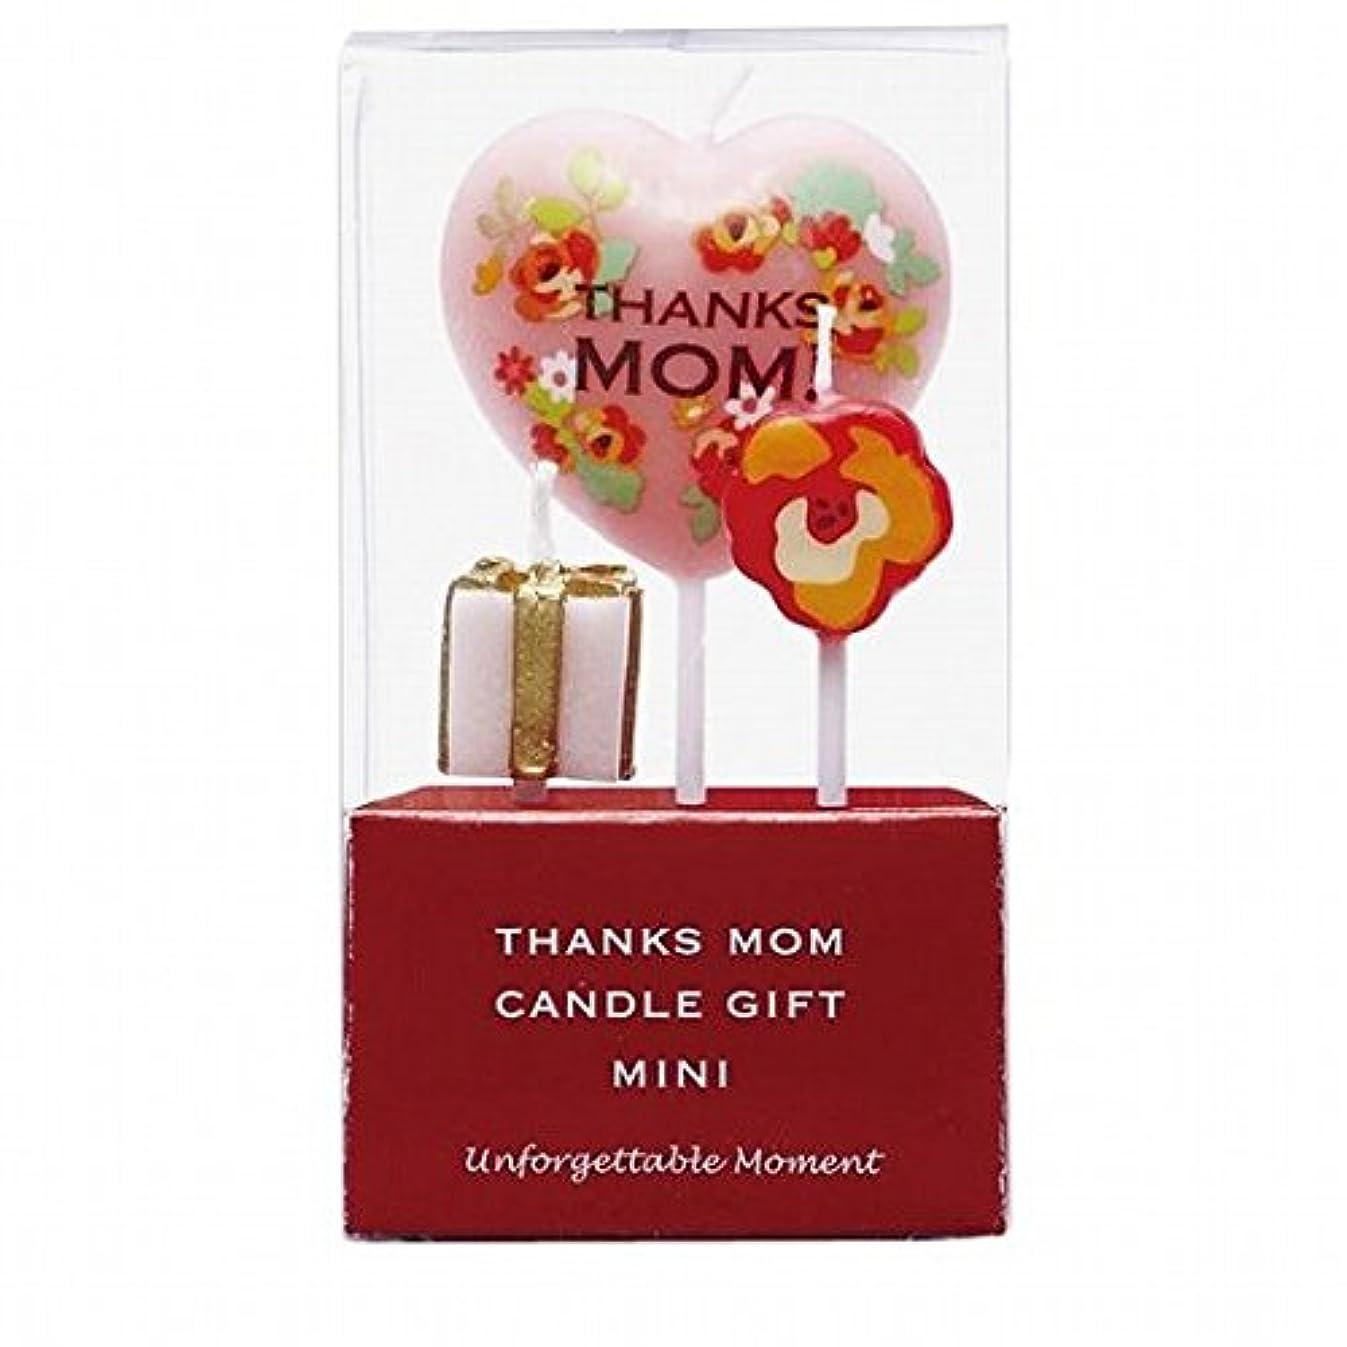 見出し間違いなく実証するkameyama candle(カメヤマキャンドル) おかあさんありがとうキャンドルギフトミニ(55350090)